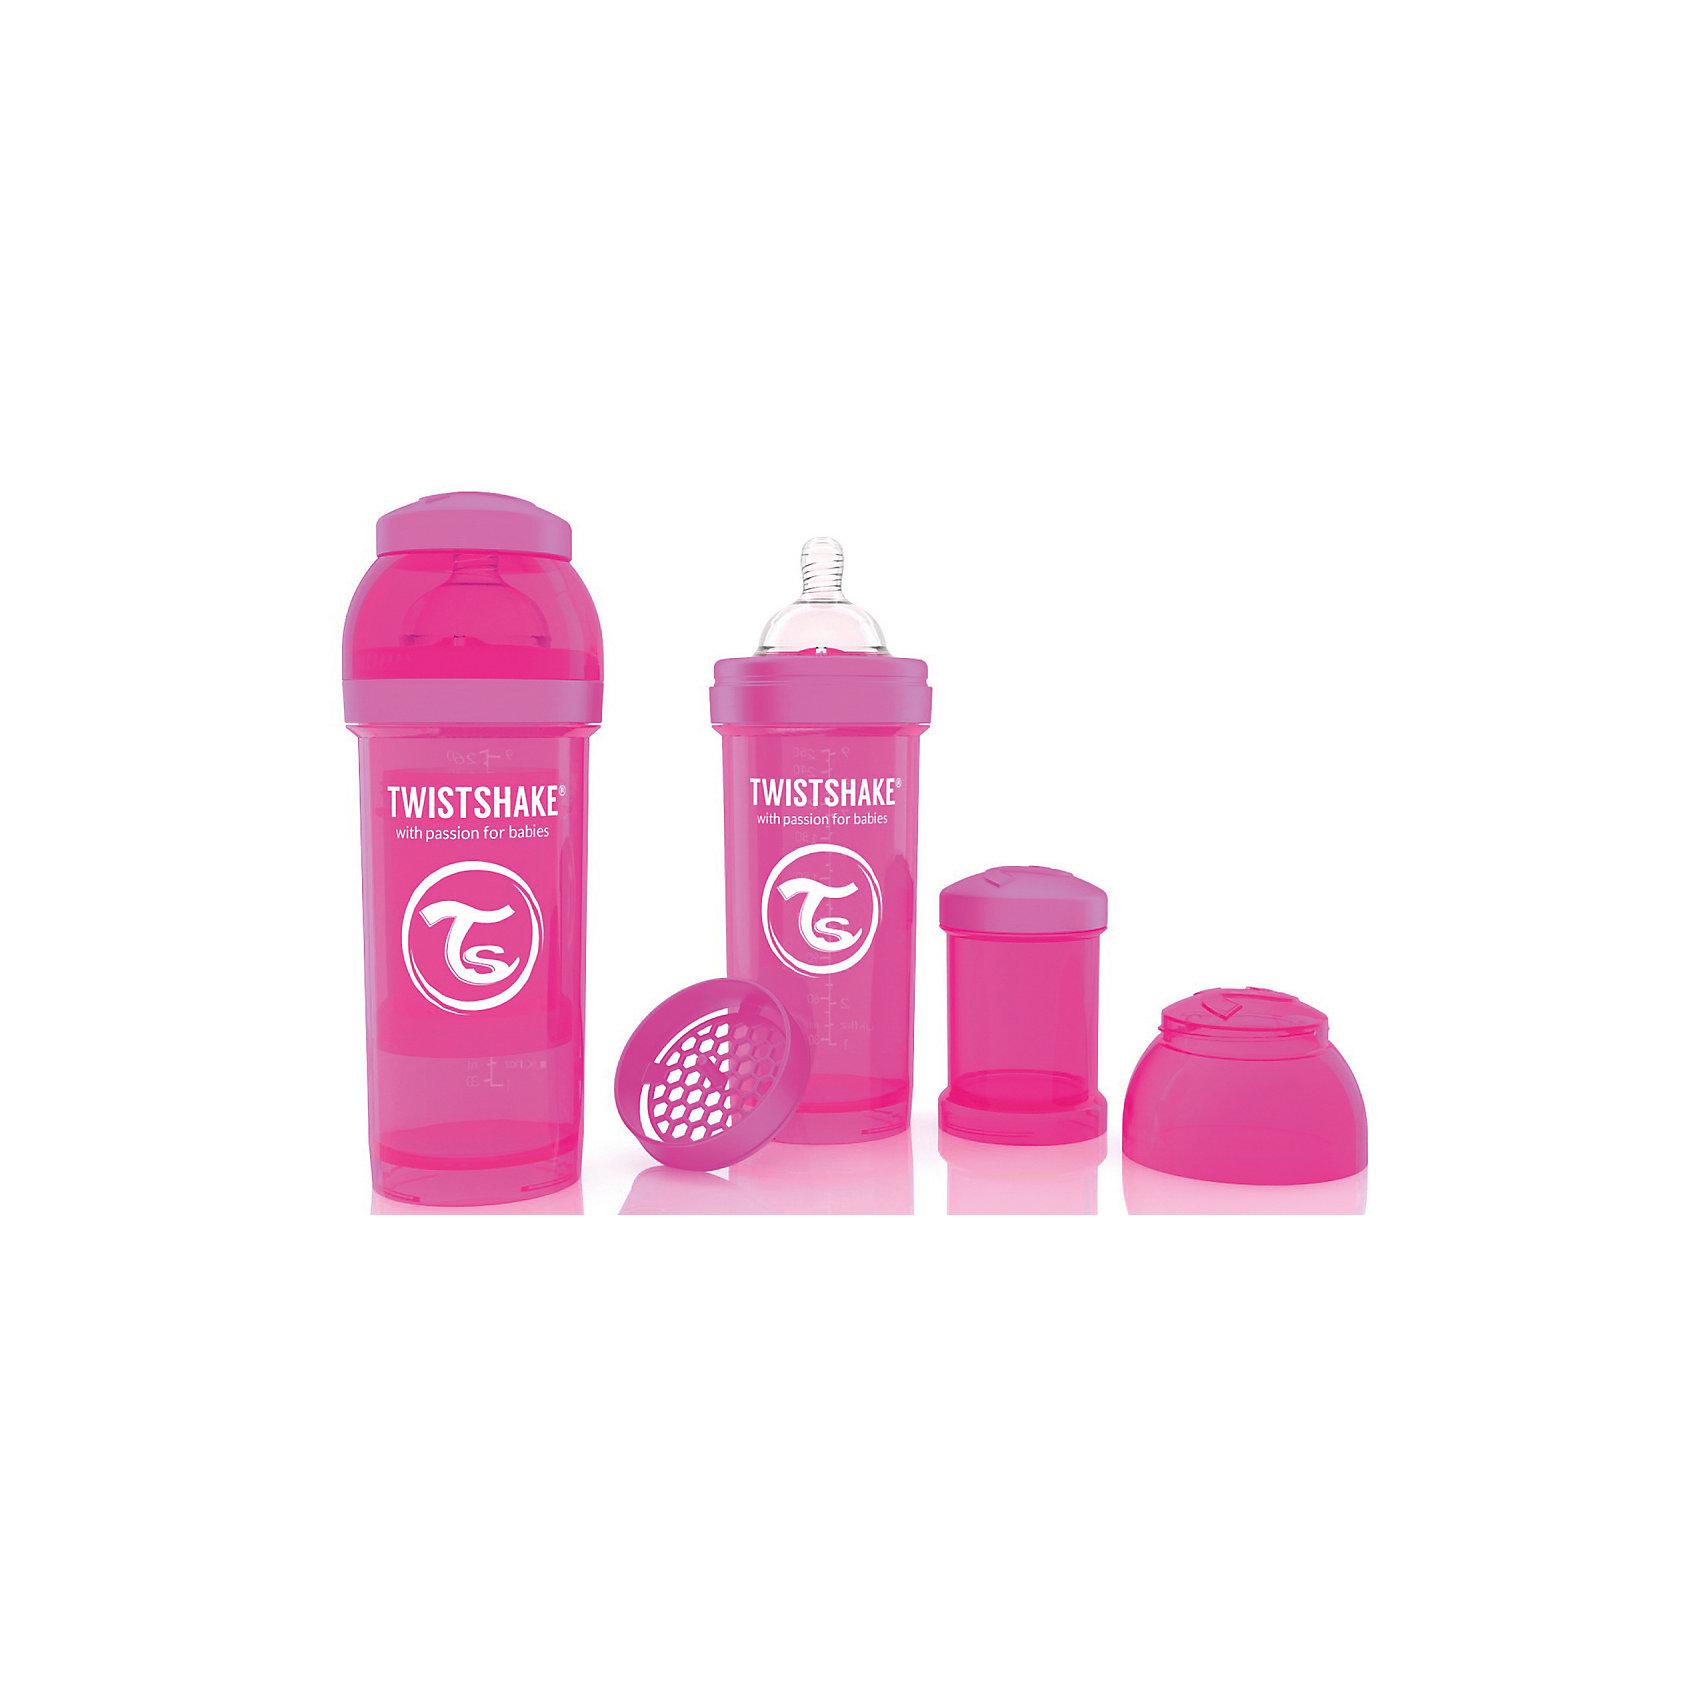 Антиколиковая бутылочка 260 мл., Twistshake, розовыйАнтиколиковая бутылочка 260 мл., розовый от шведского бренда Twistshake (Твистшейк), придет по вкусу малышам и современным родителям. Эти бутылочки идут в комплекте с контейнером для сухой смеси, чтобы можно было готовить смесь в любом месте непосредсвенно перед кормлением. Также в комплект входит решеточка для разбивки комочков смеси, делая саму смесь идеальной. Материал бутылочки имеет свойства сохранения температуры, не содержит бисфенол А. Удобная форма горлышка обеспечивает доступ к полной промывки бутылочки, можно стерилизовать как холодным, так и горячим методами. Небольшой контейнер для смеси (100 мл.) можно использовать для хранения еды, например печенья или кусочков яблока. Соска бутылочки имеет ортодонтичную форму, благодаря специальному клапану и строению предотвращает попадание воздуха и снижает вероятность появления коликов у крохи. Все предметы складываются в бутылочку для удобной транспортировки и хранения. Также можно купить бутылочки разных цветов и комбинировать их в любимые цветовые сочетания.<br><br>Дополнительная информация:<br><br>- В комплект входит: бутылочка с соской 260 мл., контейнер с крышкой 100 мл., решетка, крышка для бутылочки.<br>- Размер соски: М<br>- Состав бутылочки: 100% пропиллен<br>- Состав соски: силикон<br><br>Антиколиковую бутылочку 260 мл., Twistshake, розовый можно купить в нашем интернет-магазине.<br>Подробнее:<br>• Для детей в возрасте: от 2 месяцев <br>• Номер товара: 4976044<br>Страна производитель: Китай<br><br>Ширина мм: 70<br>Глубина мм: 70<br>Высота мм: 190<br>Вес г: 164<br>Возраст от месяцев: 2<br>Возраст до месяцев: 12<br>Пол: Унисекс<br>Возраст: Детский<br>SKU: 4976044